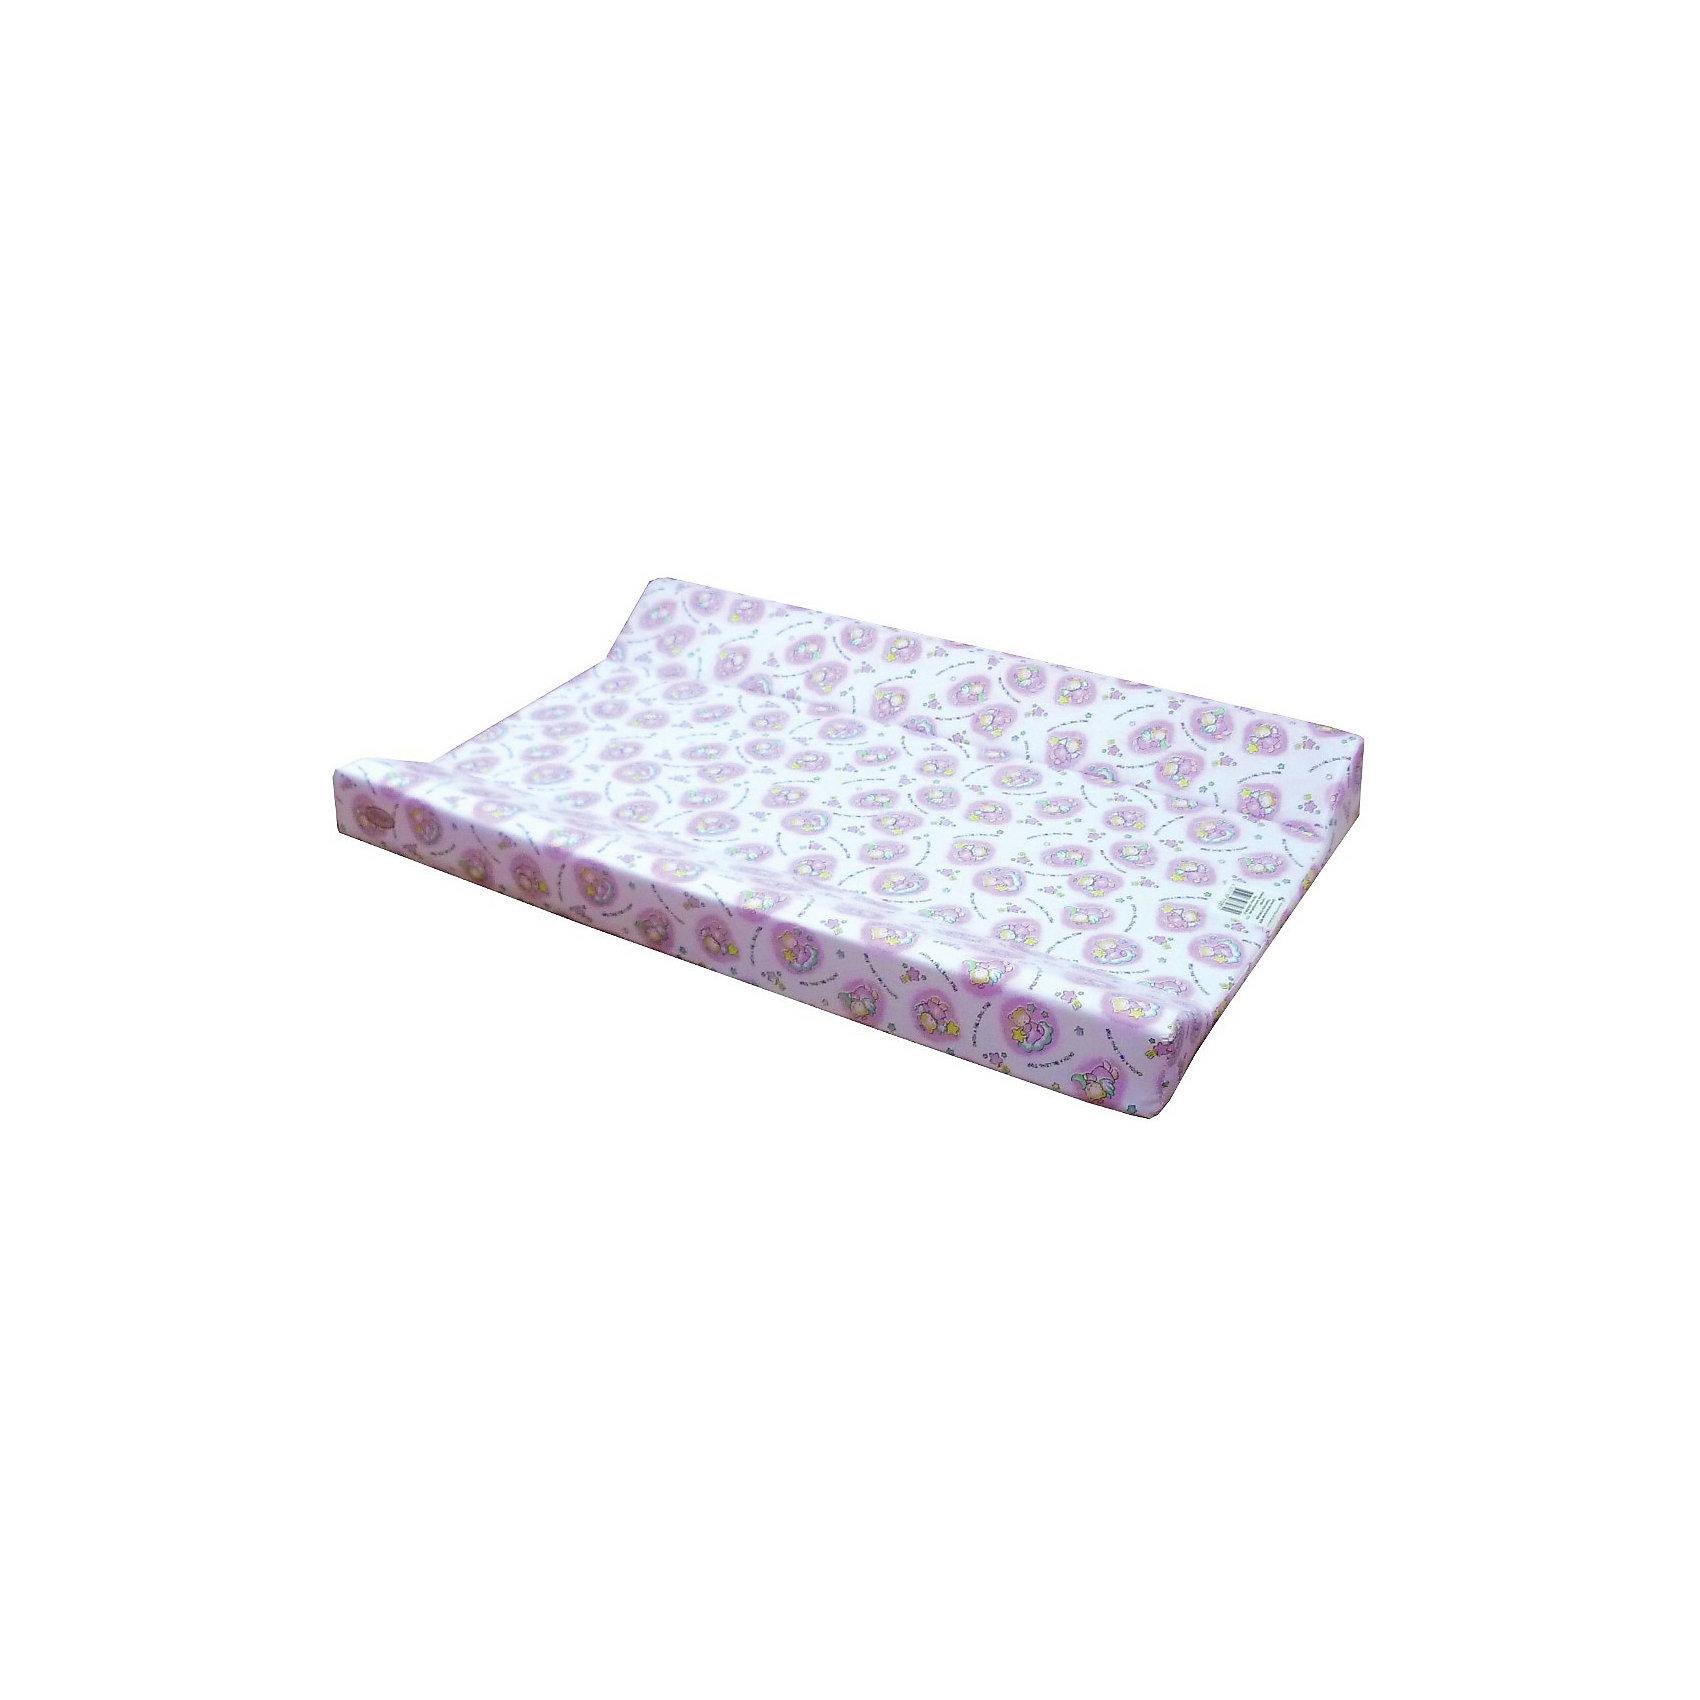 Доска для пеленания Параллель Классика, Фея, в ассортиментеВсе для пеленания<br>Доска для пеленания Параллель Классика, Фея - прекрасная альтернатива громоздким пеленальным столикам! Она легко крепится к кроватке или ставится на любую горизонтальную поверхность благодаря жесткой основе. Ребенку будет очень комфортно принимать воздушные ванны или гигиенические процедуры на этой доске, ведь поверхность выполнена из приятного материала, а под ним располагается подложка из поролона, обеспечивающего мягкость без вреда для позвоночника. Для удобства мамы по бокам матрасика расположены высокие бортики, которые обеспечат безопасность. Верхний слой матрасика выполнен из мягкого непромокаемого материала, приятного для тела, прочного, не рвущегося по стыкам и оформлен забавными рисунками, отпечатанными не токсичной краской. <br><br>Дополнительная информация:<br><br>- Подходит для детей с рождения до 6 месяцев (примерно от 3 до 7 кг);<br>- Подходит практически ко всем кроваткам и манежам;<br>- При нанесении рисунка использованы только нетоксичные красители;<br>- Высокая степень устойчивости к влаге и загрязнениям; <br>- Не выцветает;<br>- Оборудована 2 высокими бортиками;<br>- Поверхность виниллайт (хлопчатобумажная ткань с водонепроницаемой пропиткой);<br>- Основание ДСП (древесно стружечная плита) толщиной 6 мм, не подвергающееся деформациям и сгибам;<br>- Наполнитель ППУ (пенополиуретан);<br>- Размер: 90 х 50 х 7,5 см;<br>- Вес: 2,9 кг<br><br>Внимание! Данный артикул имеется в наличии в разных цветовых исполнениях. К сожалению, заранее выбрать определенный цвет невозможно.<br><br>Доска для пеленания Параллель Классика, Фея можно купить в нашем интернет-магазине.<br><br>Ширина мм: 100<br>Глубина мм: 790<br>Высота мм: 480<br>Вес г: 2360<br>Возраст от месяцев: 0<br>Возраст до месяцев: 24<br>Пол: Унисекс<br>Возраст: Детский<br>SKU: 3805269